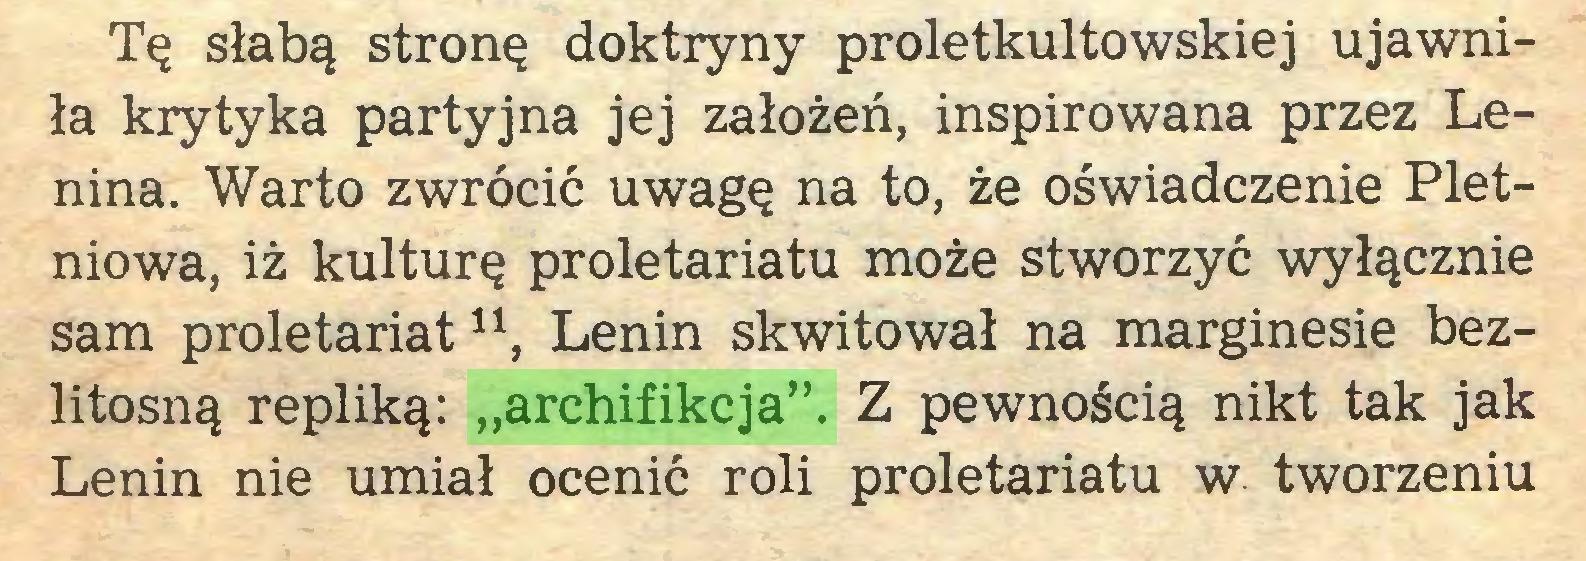 """(...) Tę słabą stronę doktryny proletkultowskiej ujawniła krytyka partyjna jej założeń, inspirowana przez Lenina. Warto zwrócić uwagę na to, że oświadczenie Pletniowa, iż kulturę proletariatu może stworzyć wyłącznie sam proletariat11, Lenin skwitował na marginesie bezlitosną repliką: """"archifikcja"""". Z pewnością nikt tak jak Lenin nie umiał ocenić roli proletariatu w tworzeniu..."""